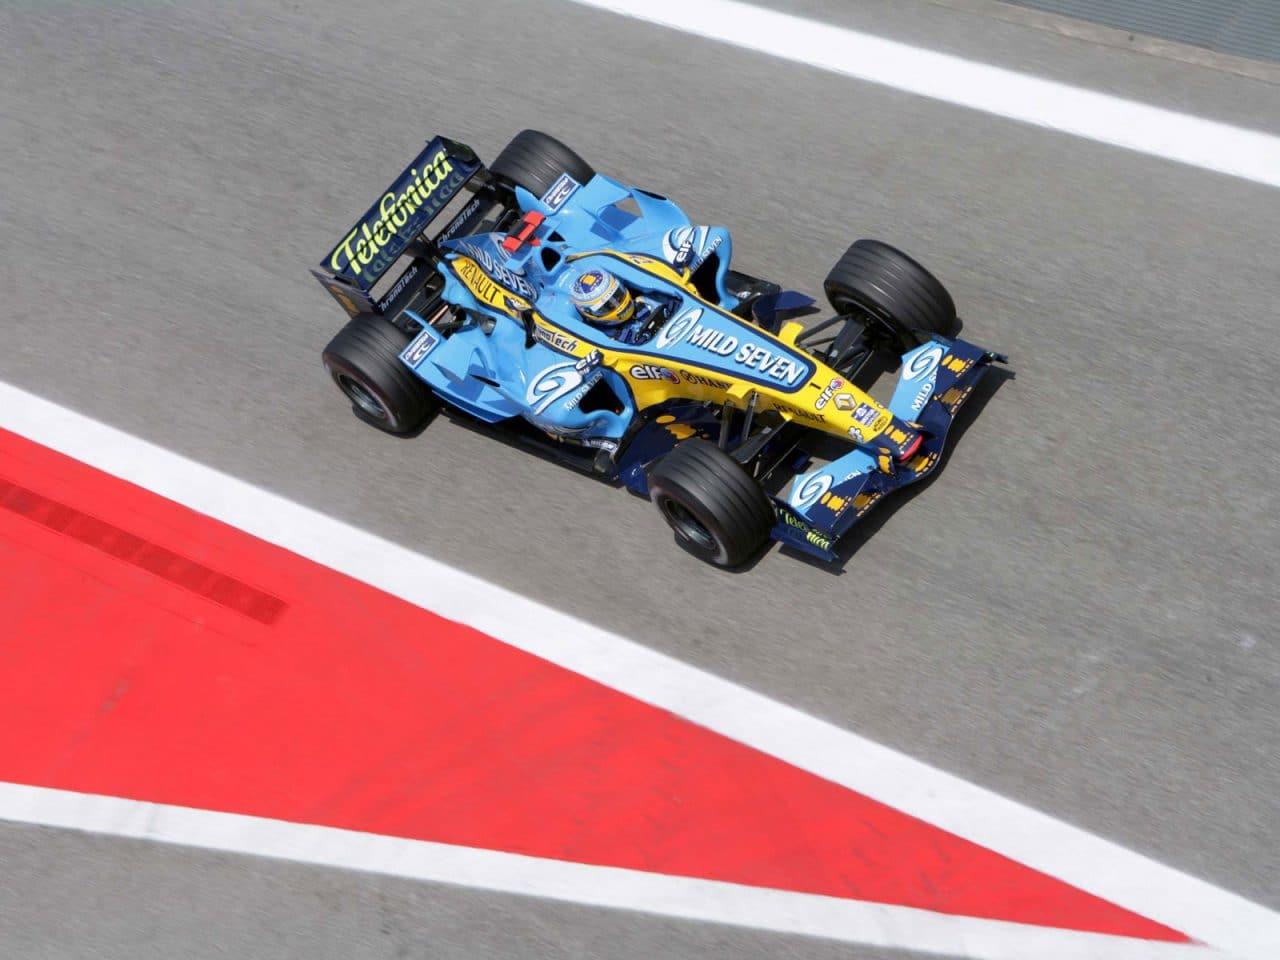 F1-2006 F1 GP Spain_03